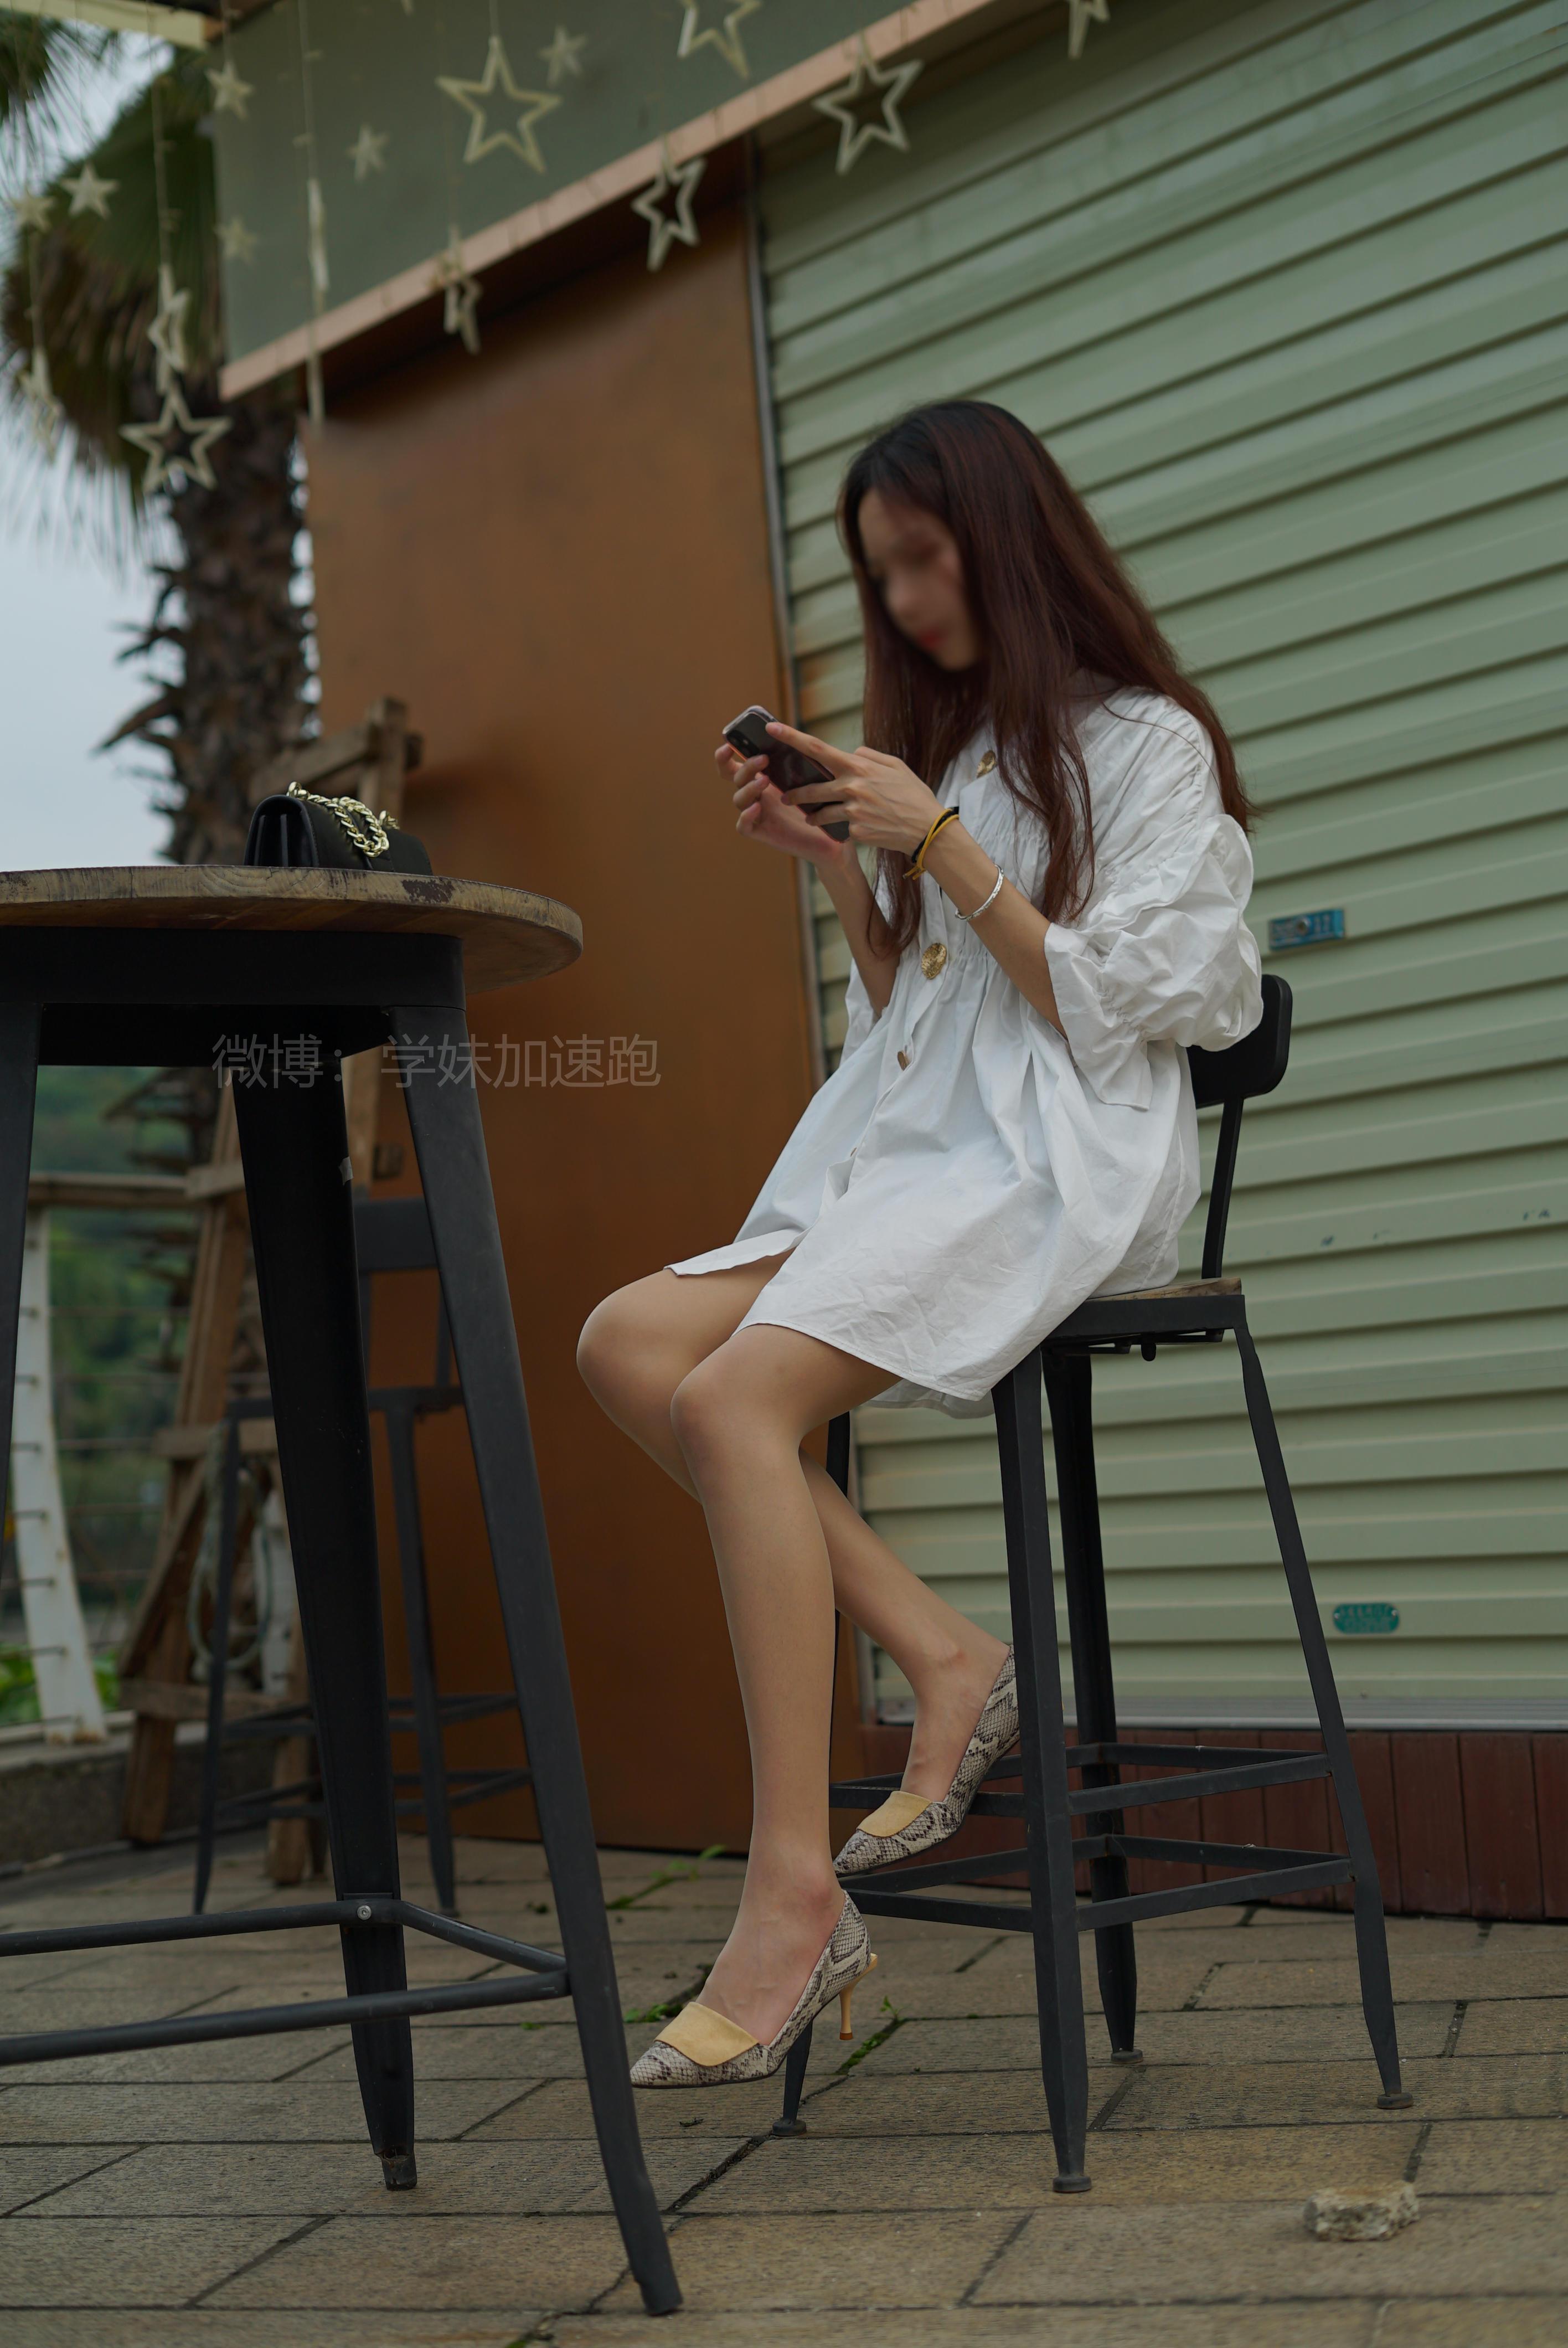 [学妹加速跑]XM017 《小唐学妹2》 白色连身衬衫加肉丝美腿街拍写真集,